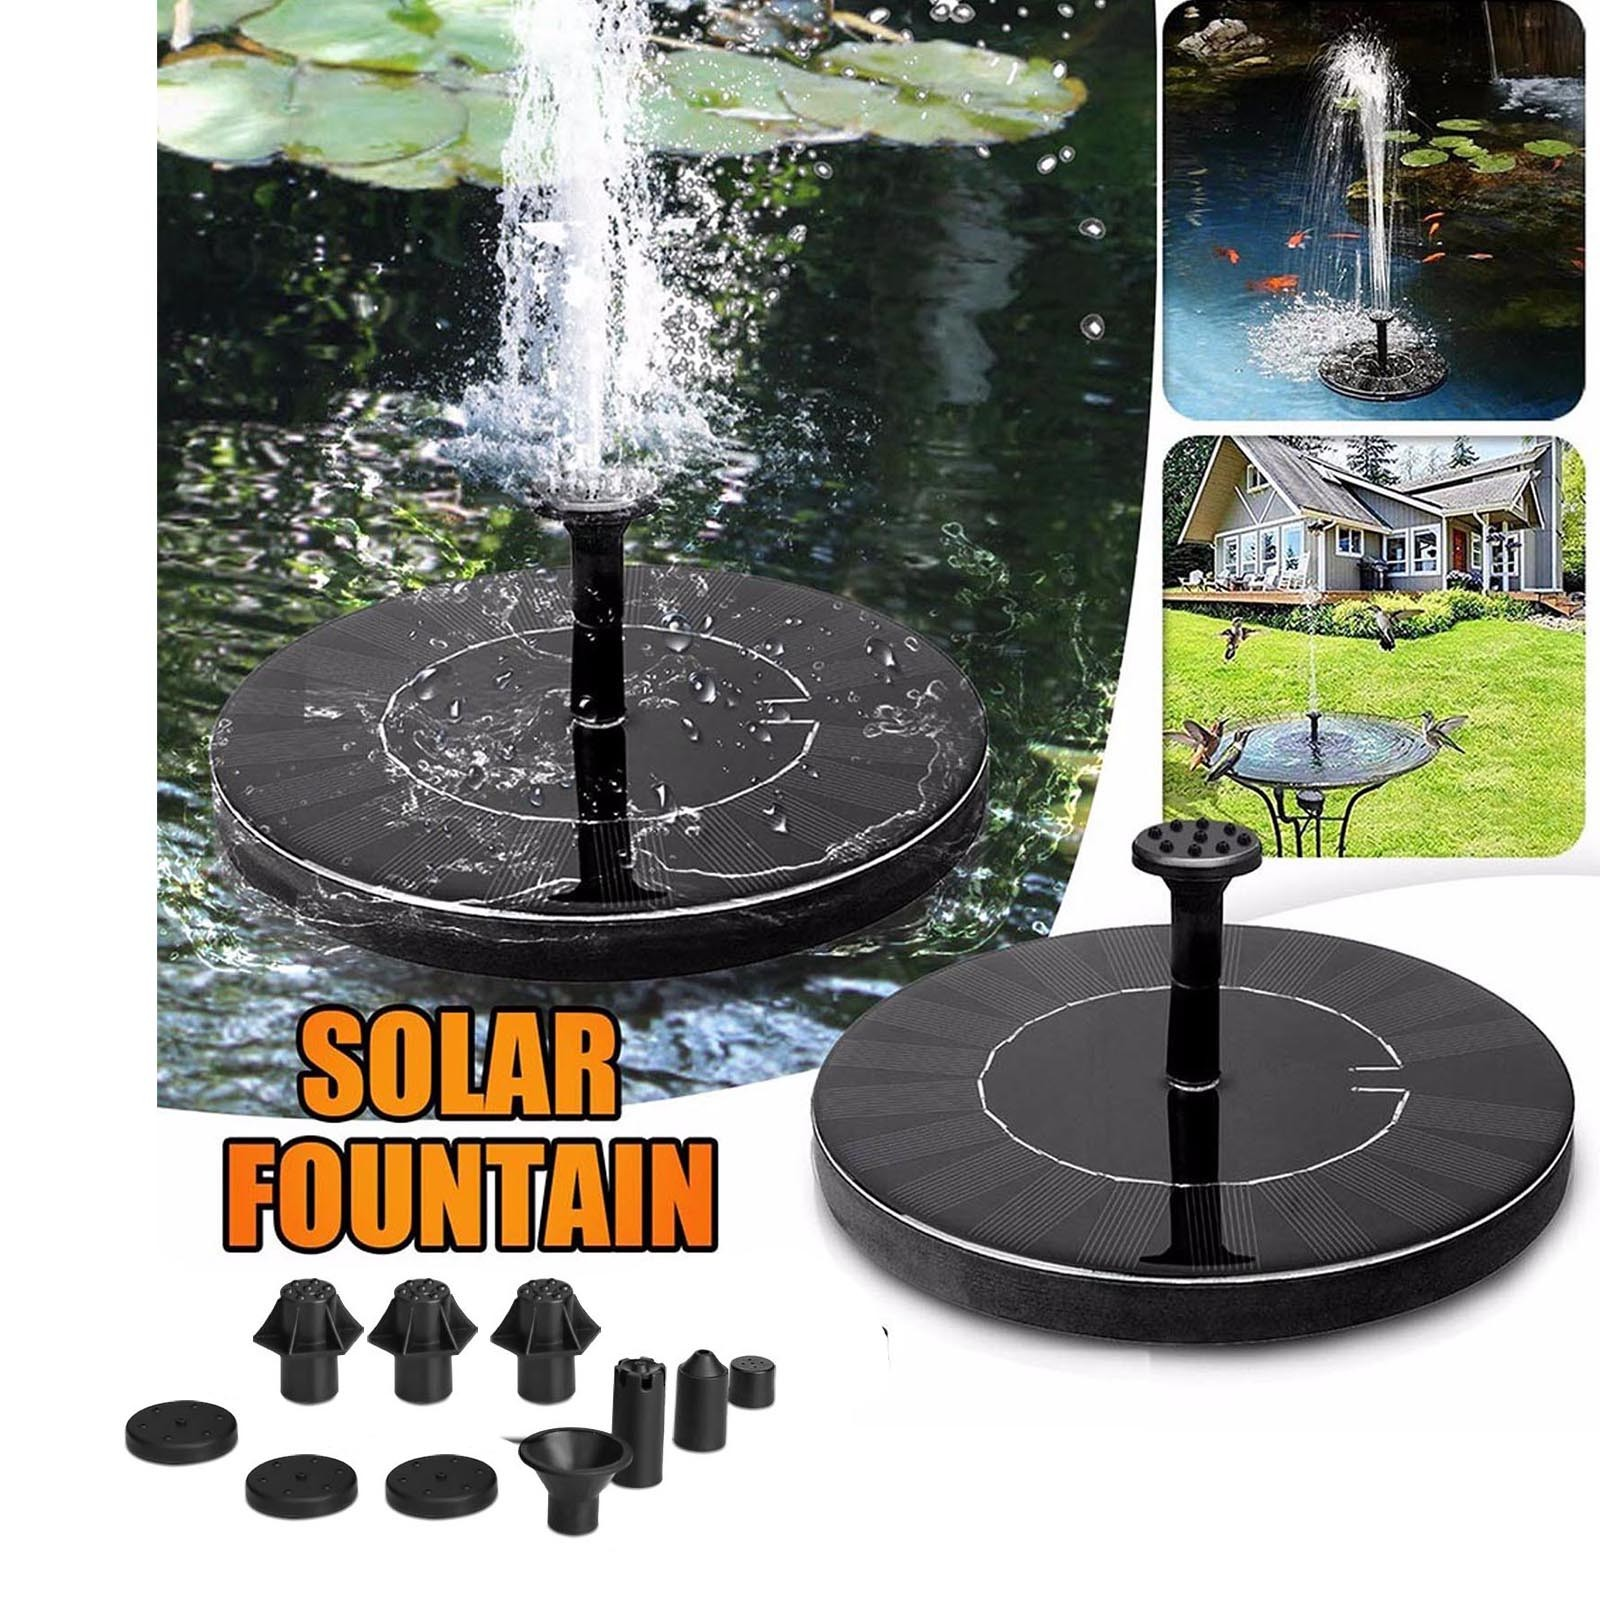 Садовый фонтан на солнечной батарее, пруд, водопад, уличная декоративная панель, плавающий водяной фонтан с насосом для ванной с птицами, 1 В...